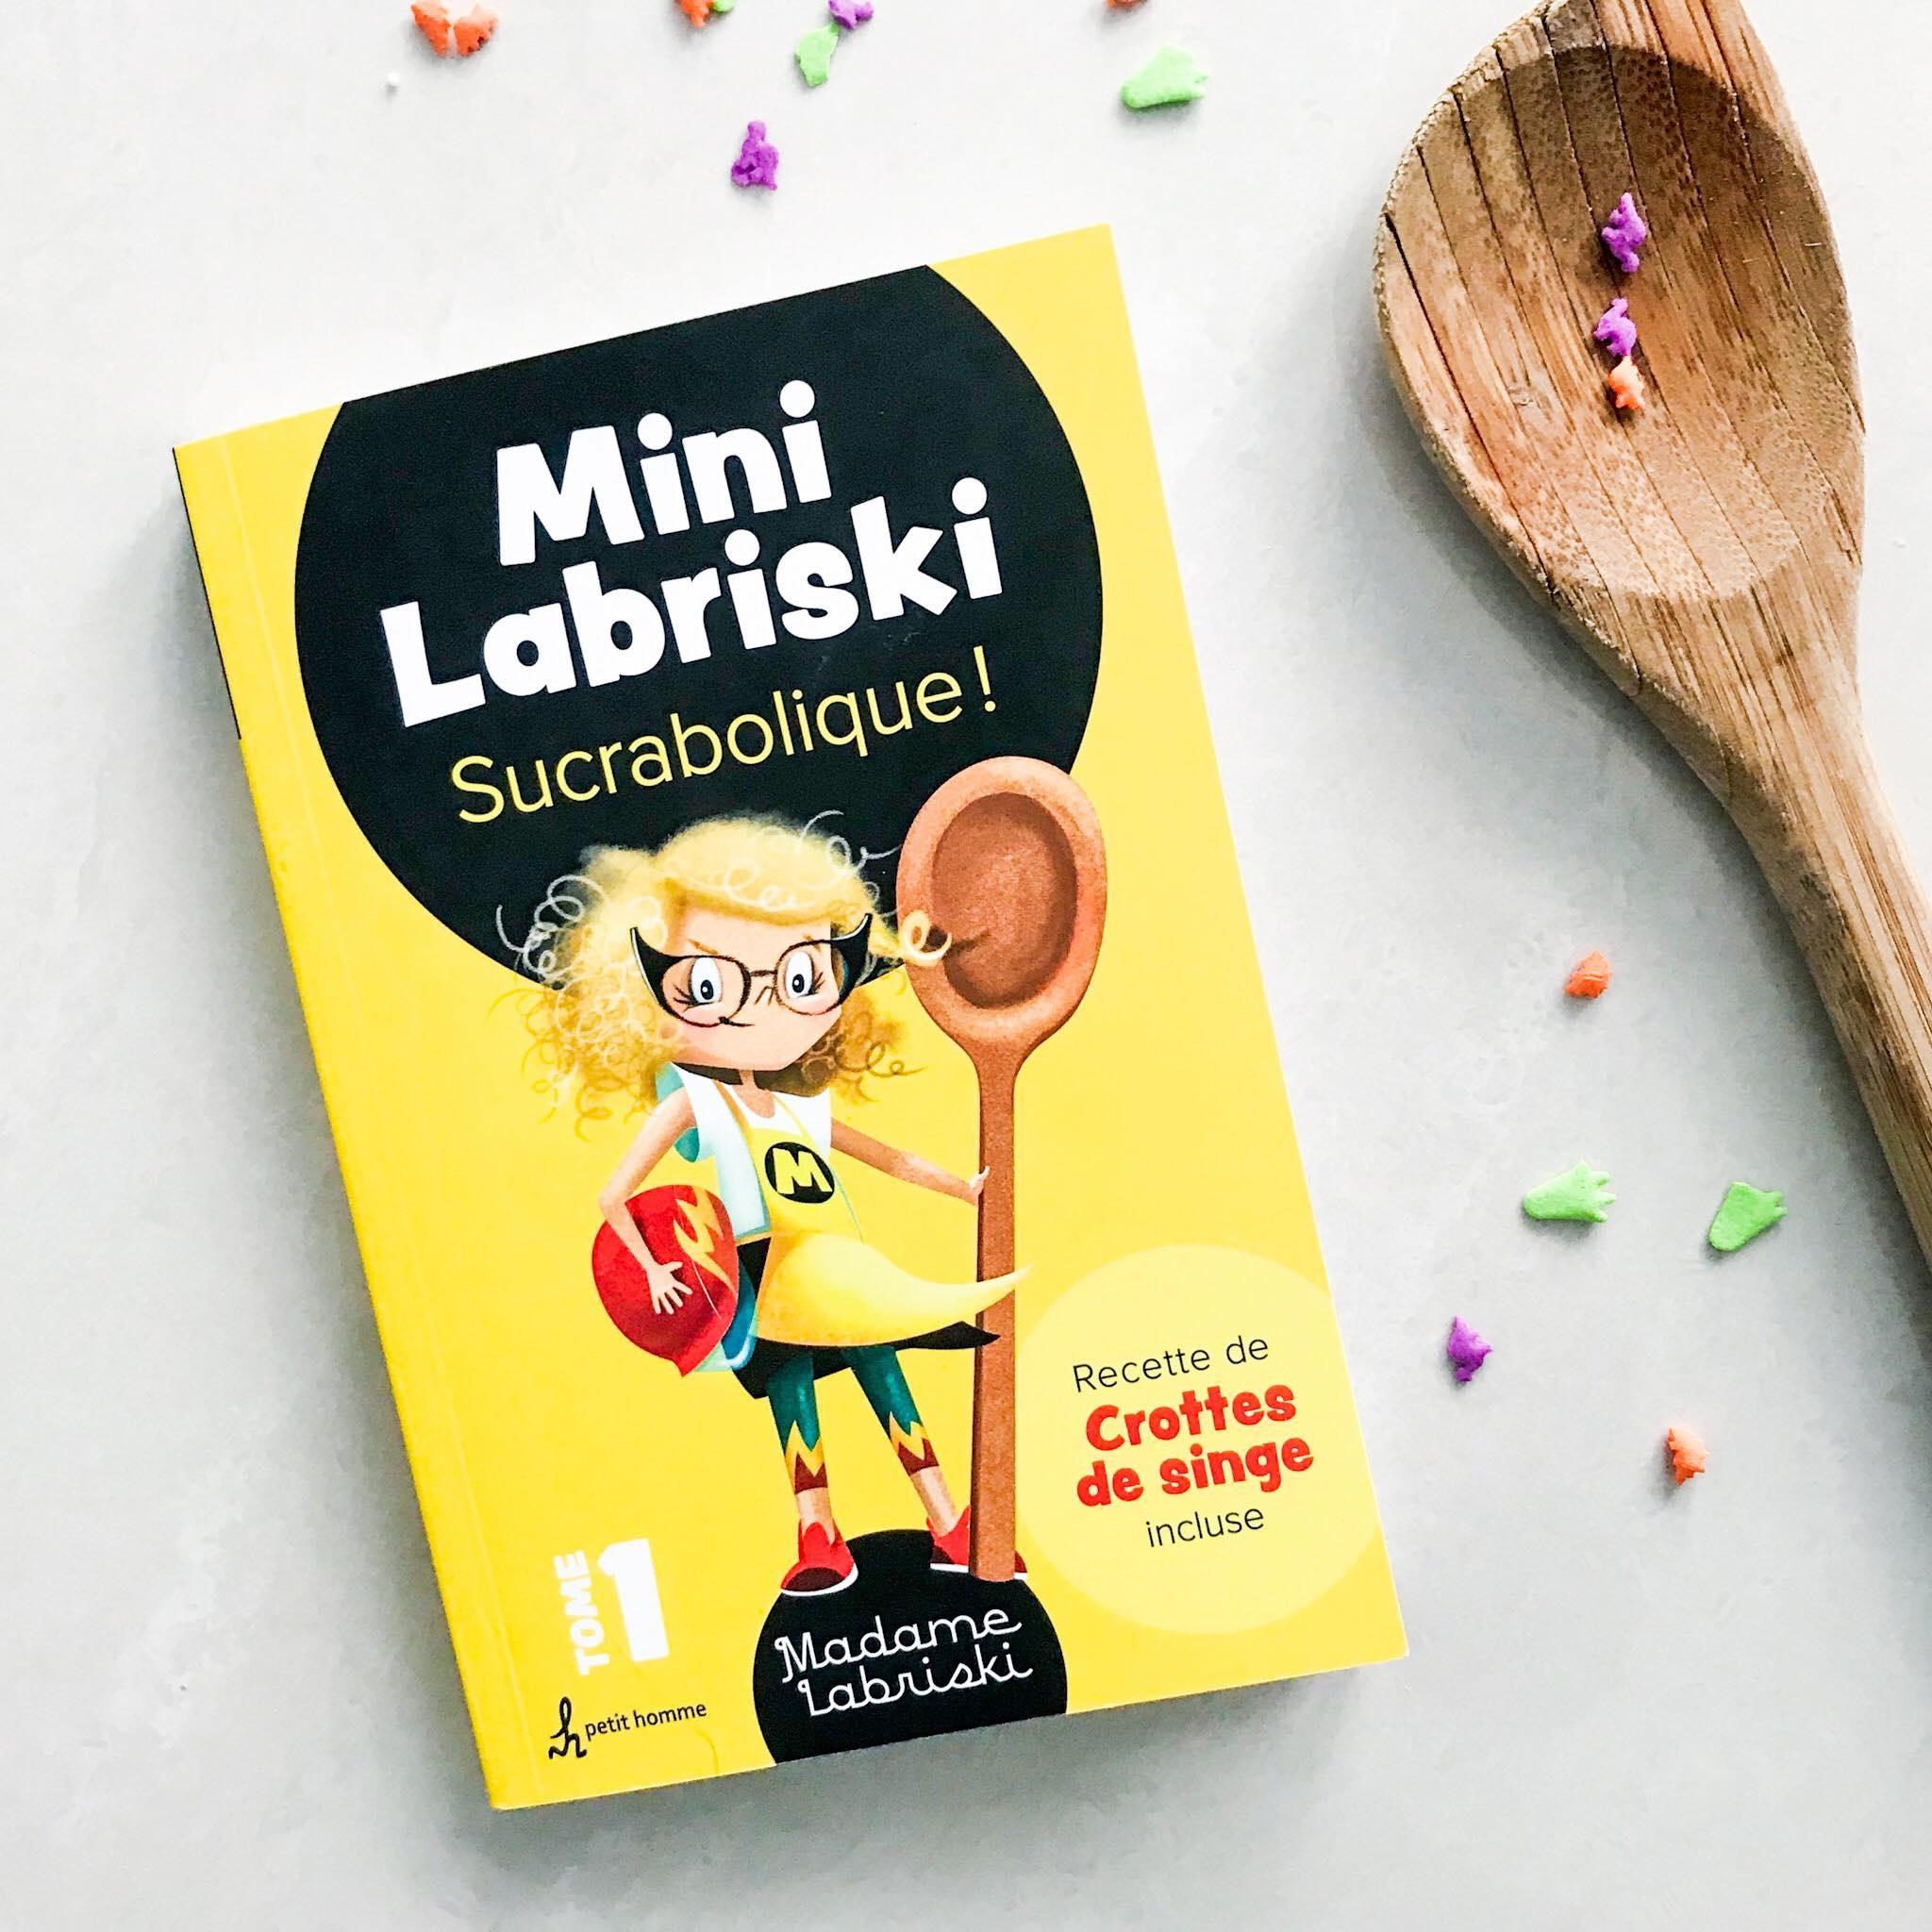 Mini Labriski – Sucrabolique (Petit homme)